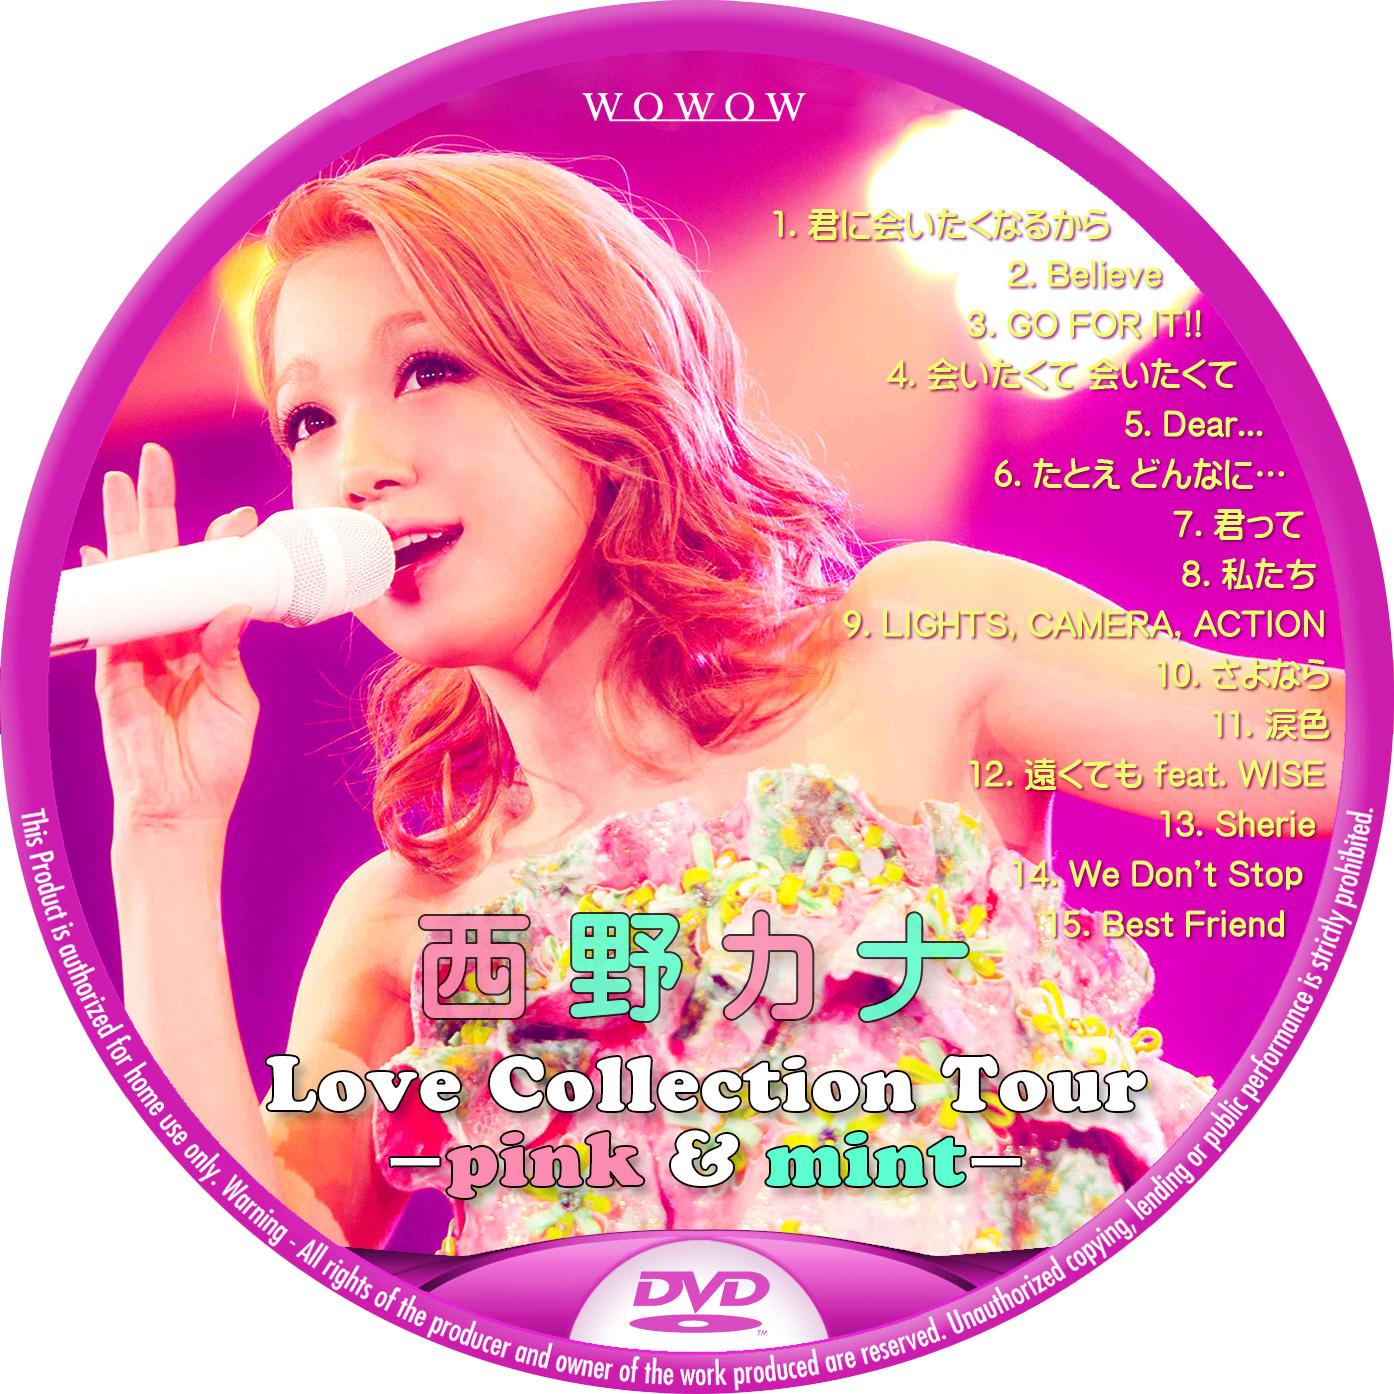 西野カナ WOWOW 2014 DVDラベル